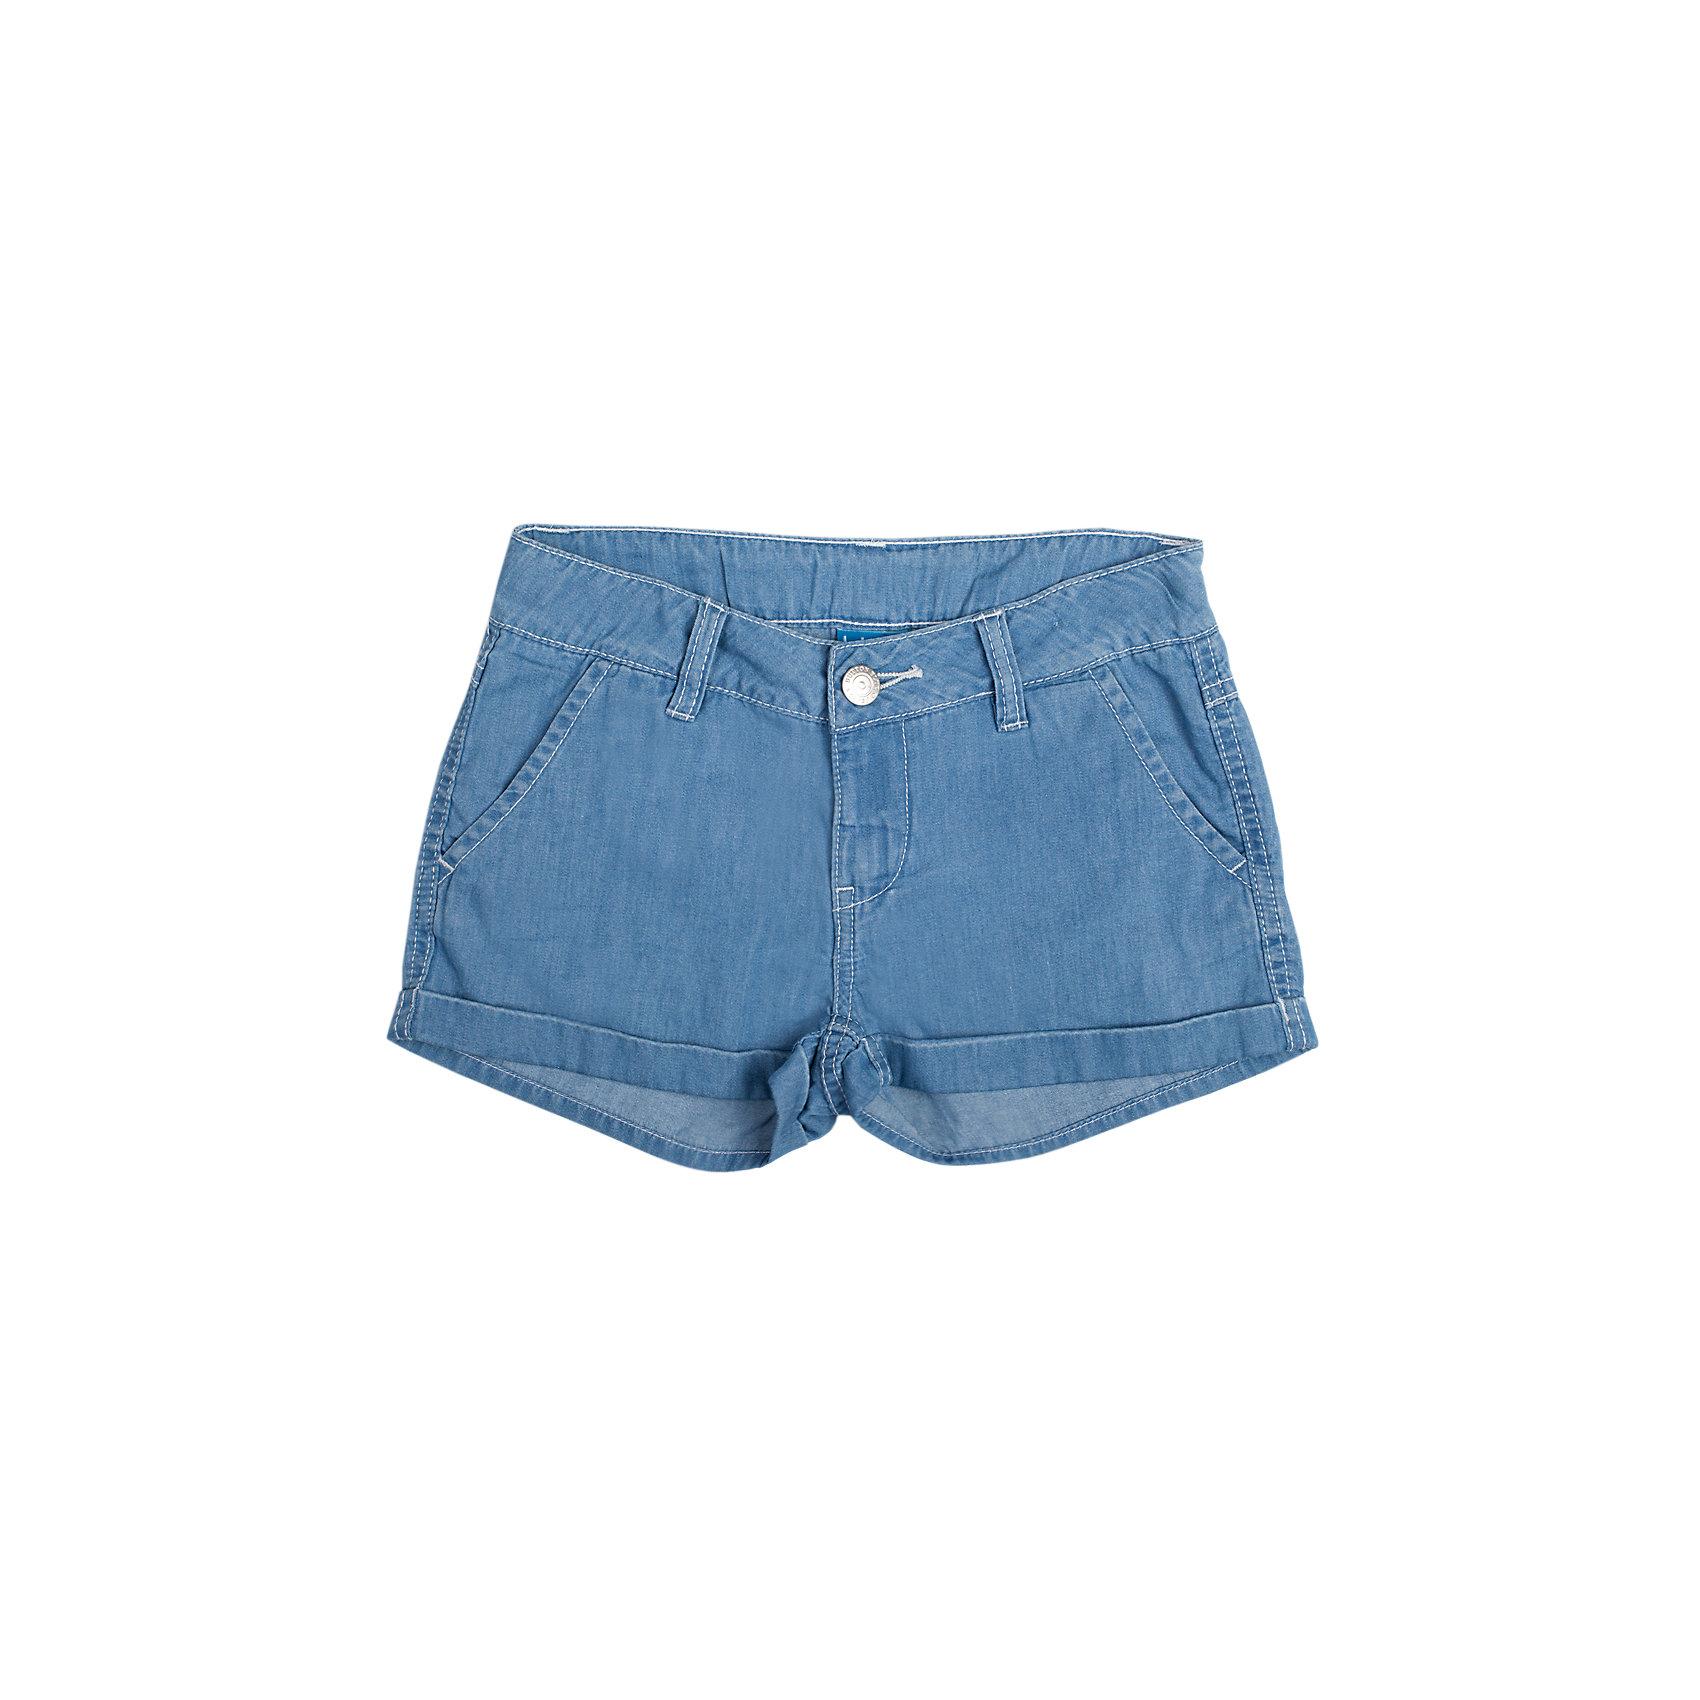 Шорты джинсовые для девочки Button BlueШорты, бриджи, капри<br>Классические шорты для девочки из джинсовой ткани хорошо облегают фигуру и  не сковывают движения. Прекрасно сочетаются с футболками и топами.<br>Состав:<br>100% хлопок<br><br>Размеры данного бренда маломерят. Рекомендуется заказывать на размер больше.<br><br>Ширина мм: 191<br>Глубина мм: 10<br>Высота мм: 175<br>Вес г: 273<br>Цвет: голубой<br>Возраст от месяцев: 84<br>Возраст до месяцев: 96<br>Пол: Женский<br>Возраст: Детский<br>Размер: 128,158,134,152,146,140<br>SKU: 3979404